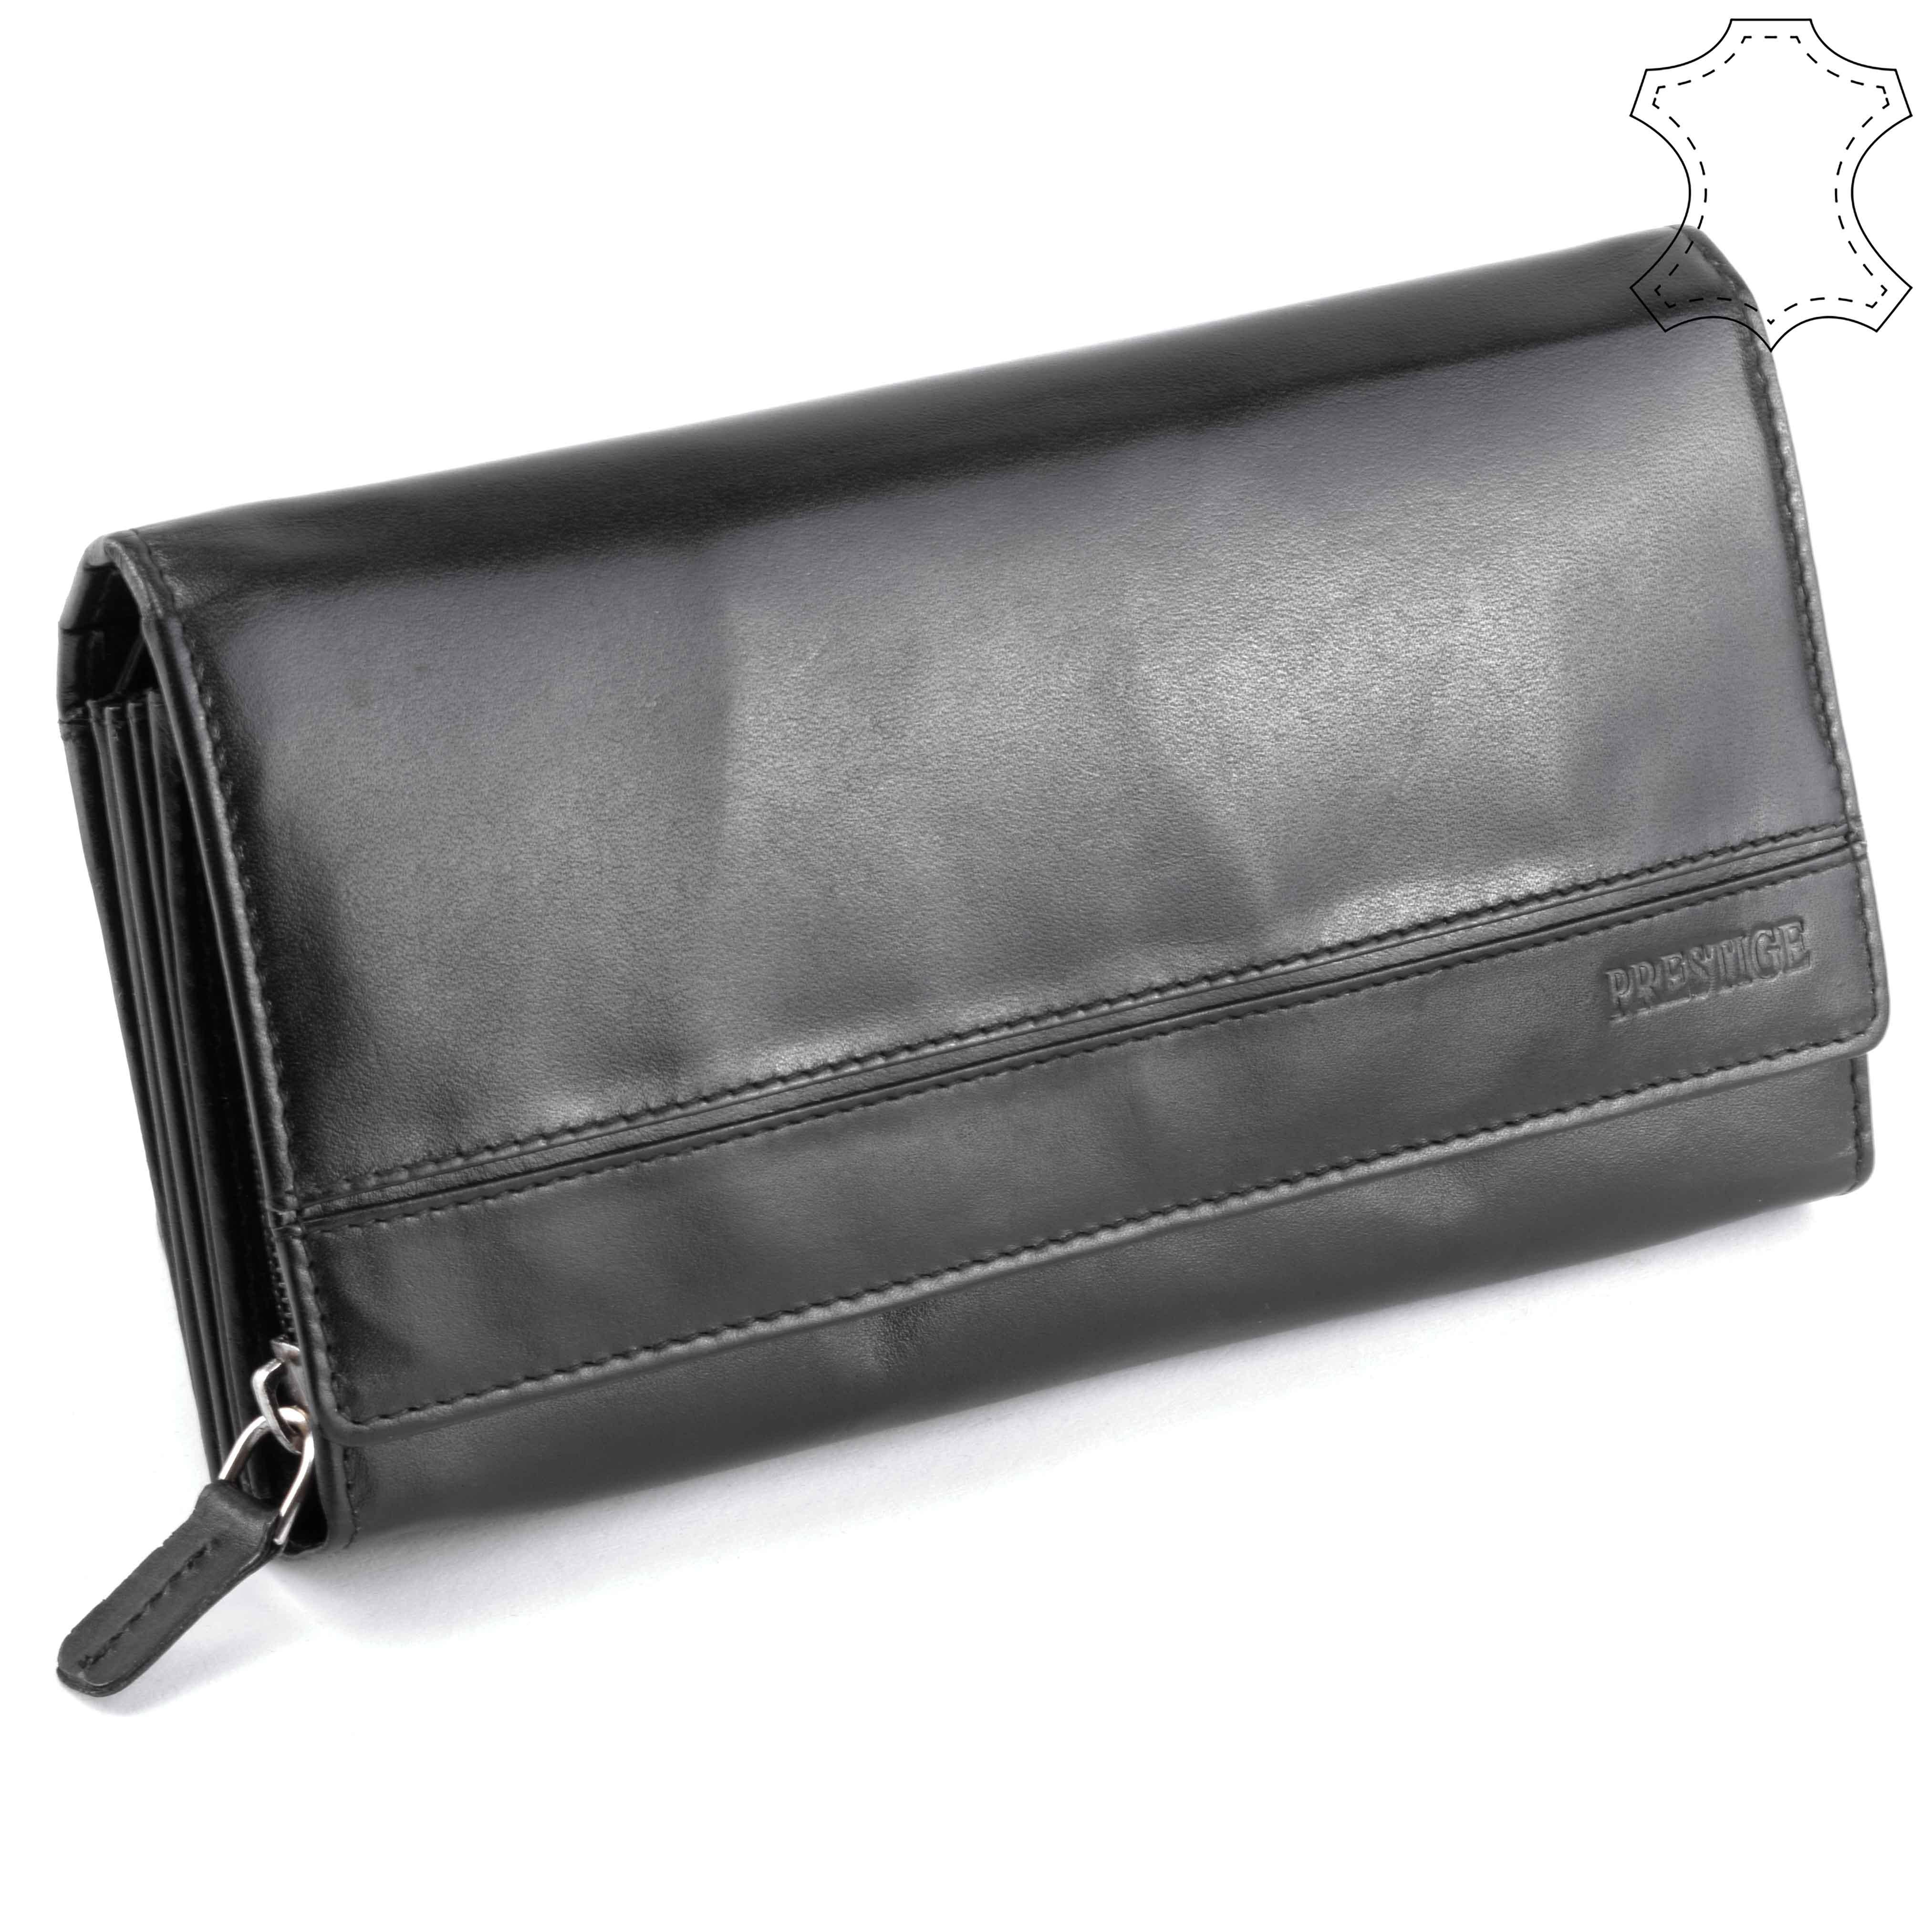 Prestige női fekete bőr pénztárca - Prestige - Táska webáruház - Minőségi  táskák mindenkinek bcf8e71e4b